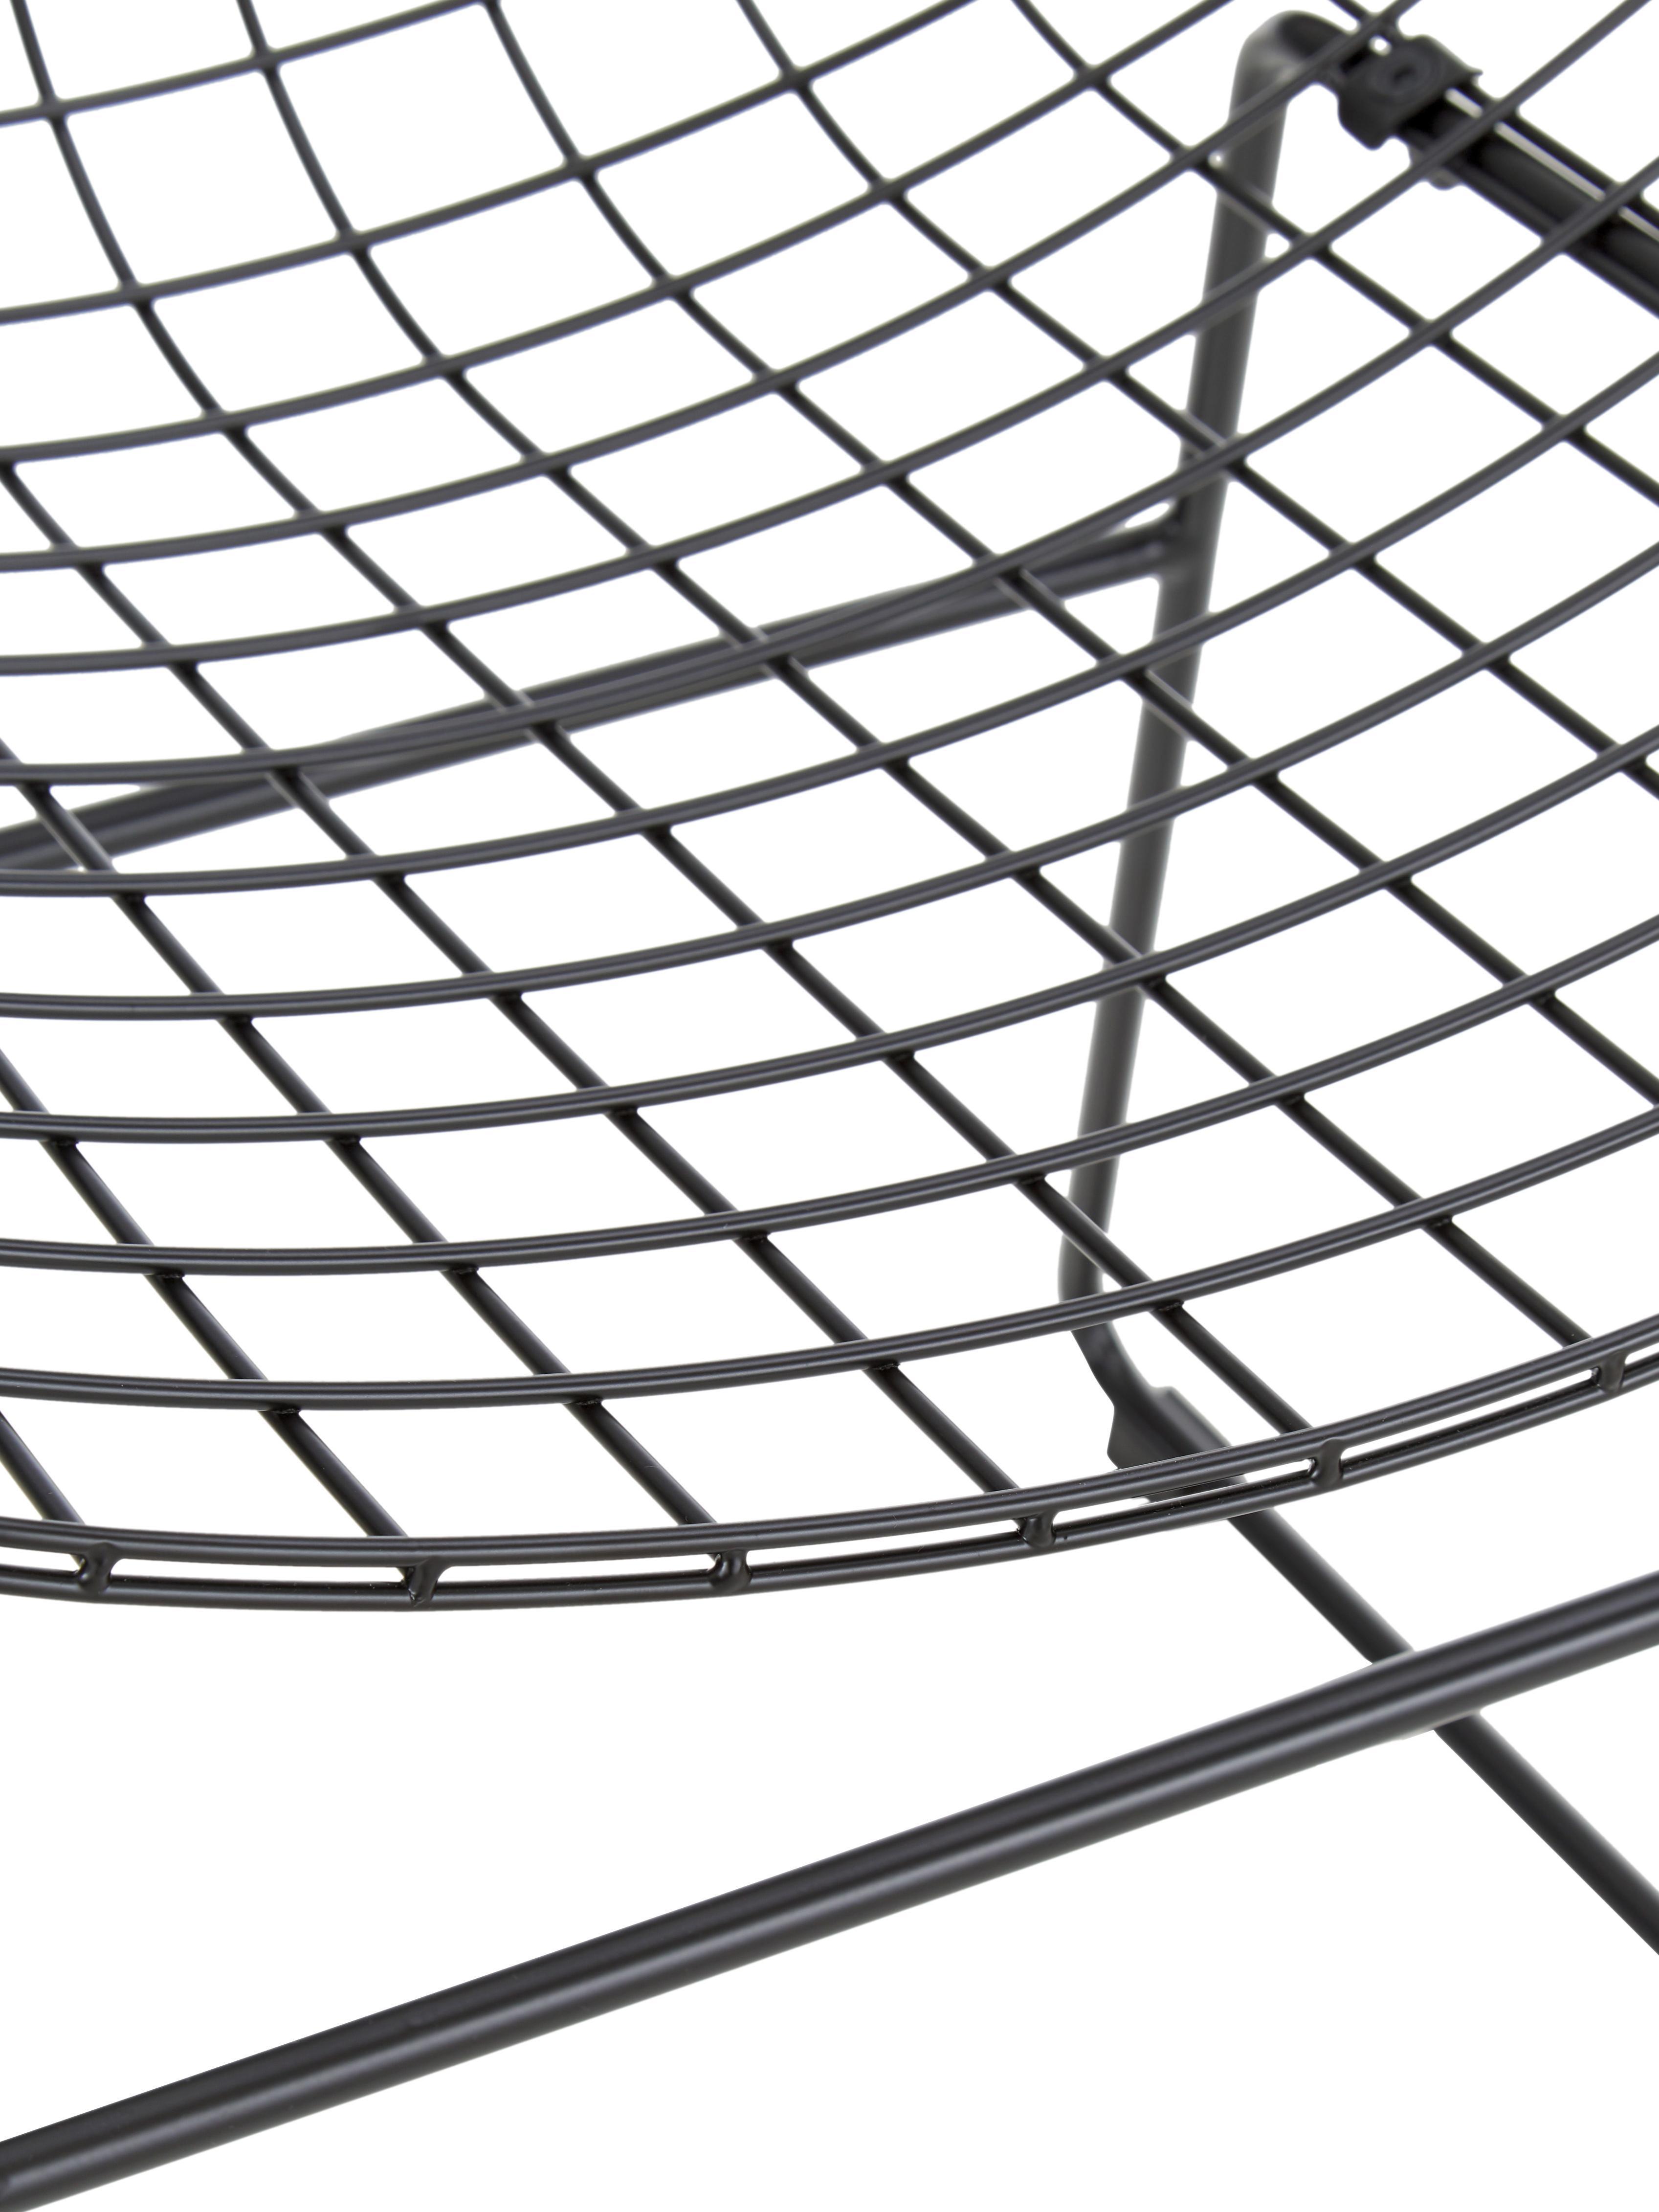 Metall-Stuhl Wire in Schwarz, Metall, pulverbeschichtet, Schwarz, 47 x 54 cm